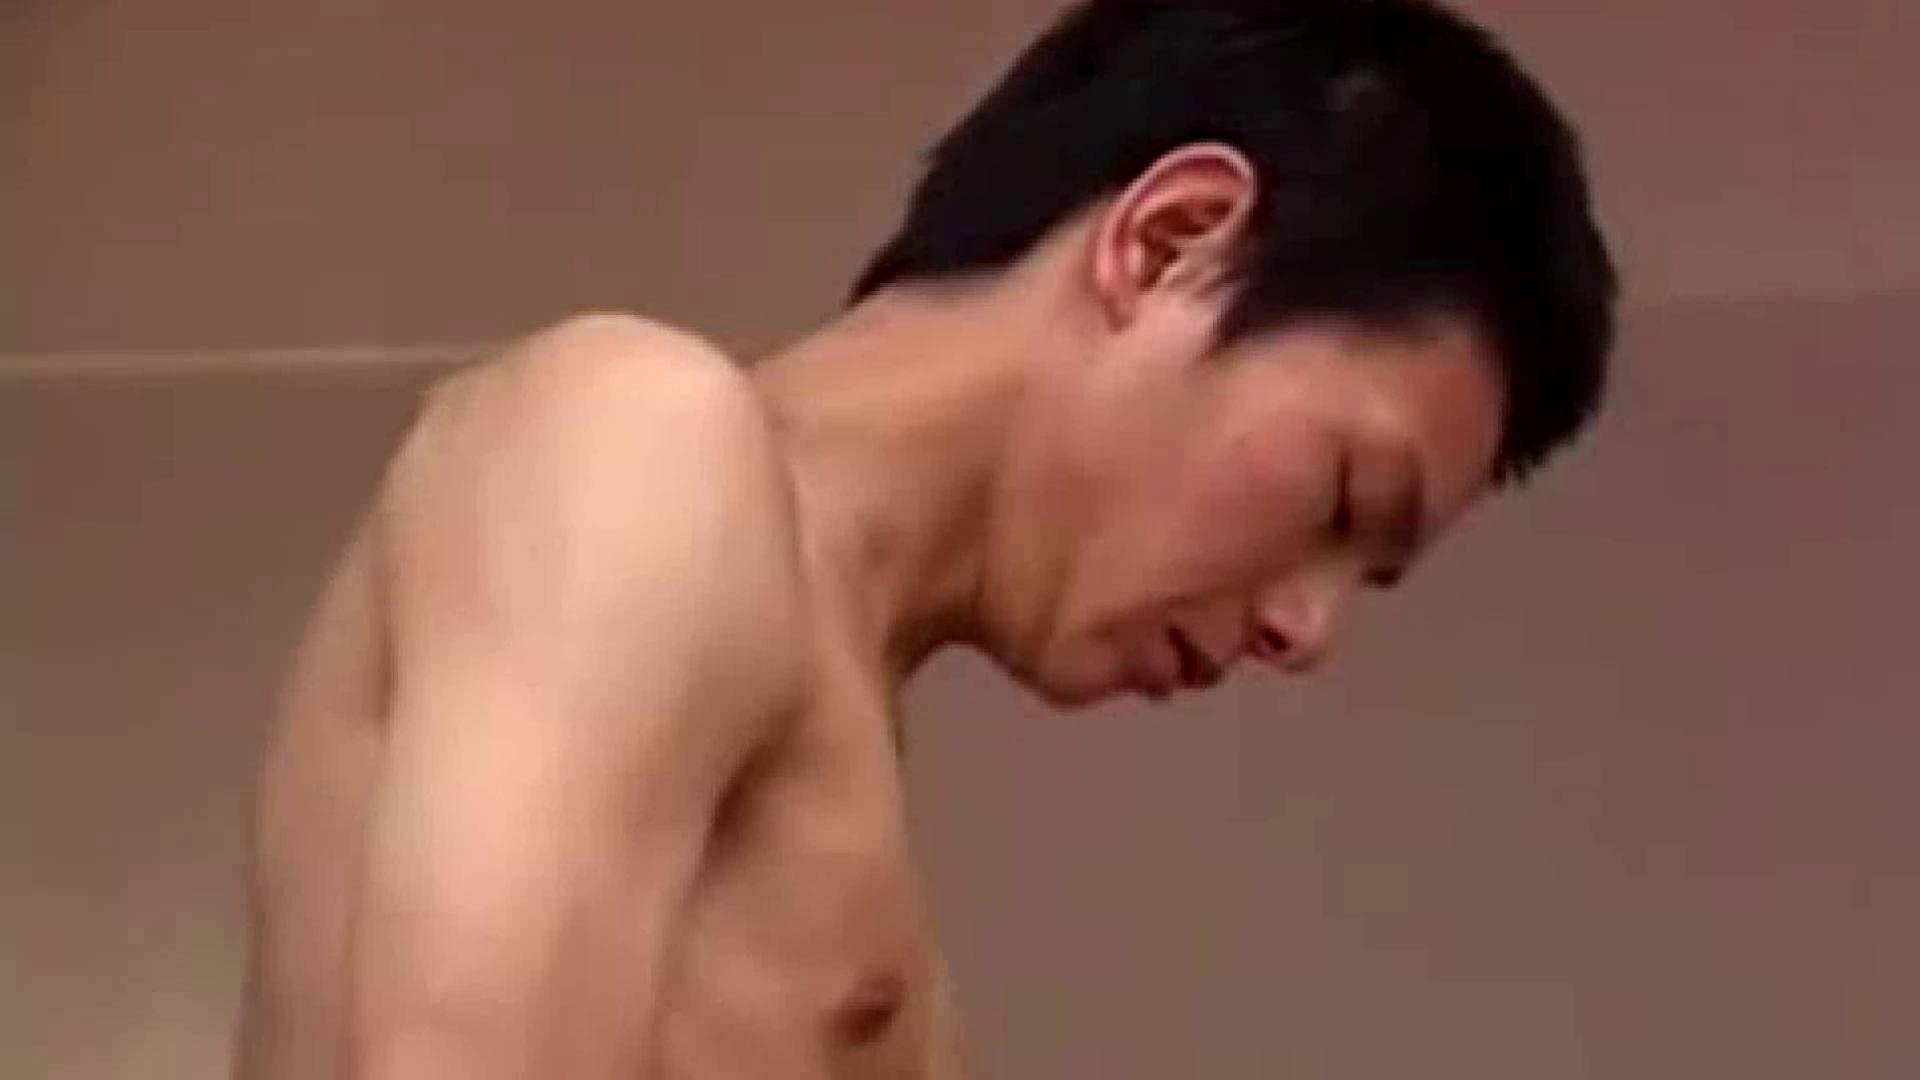 イケメン君の乱交! 乱交男子 ゲイエロビデオ画像 76枚 49